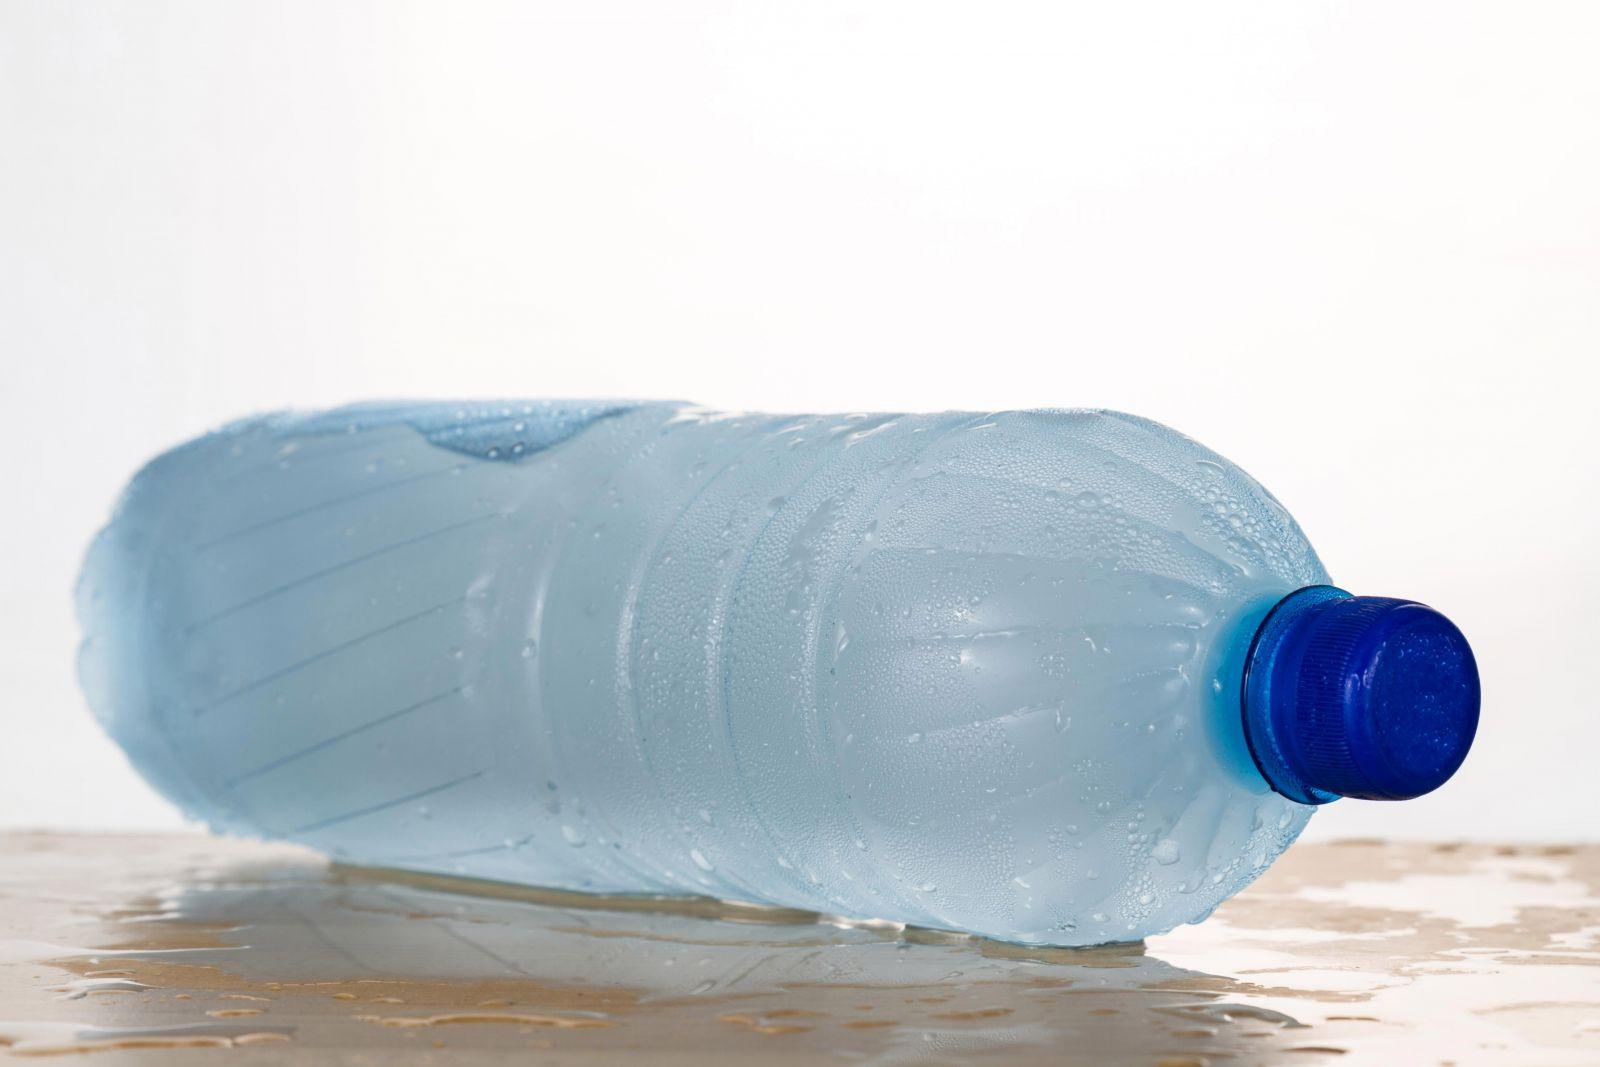 Заморозка в пластиковой бутылке